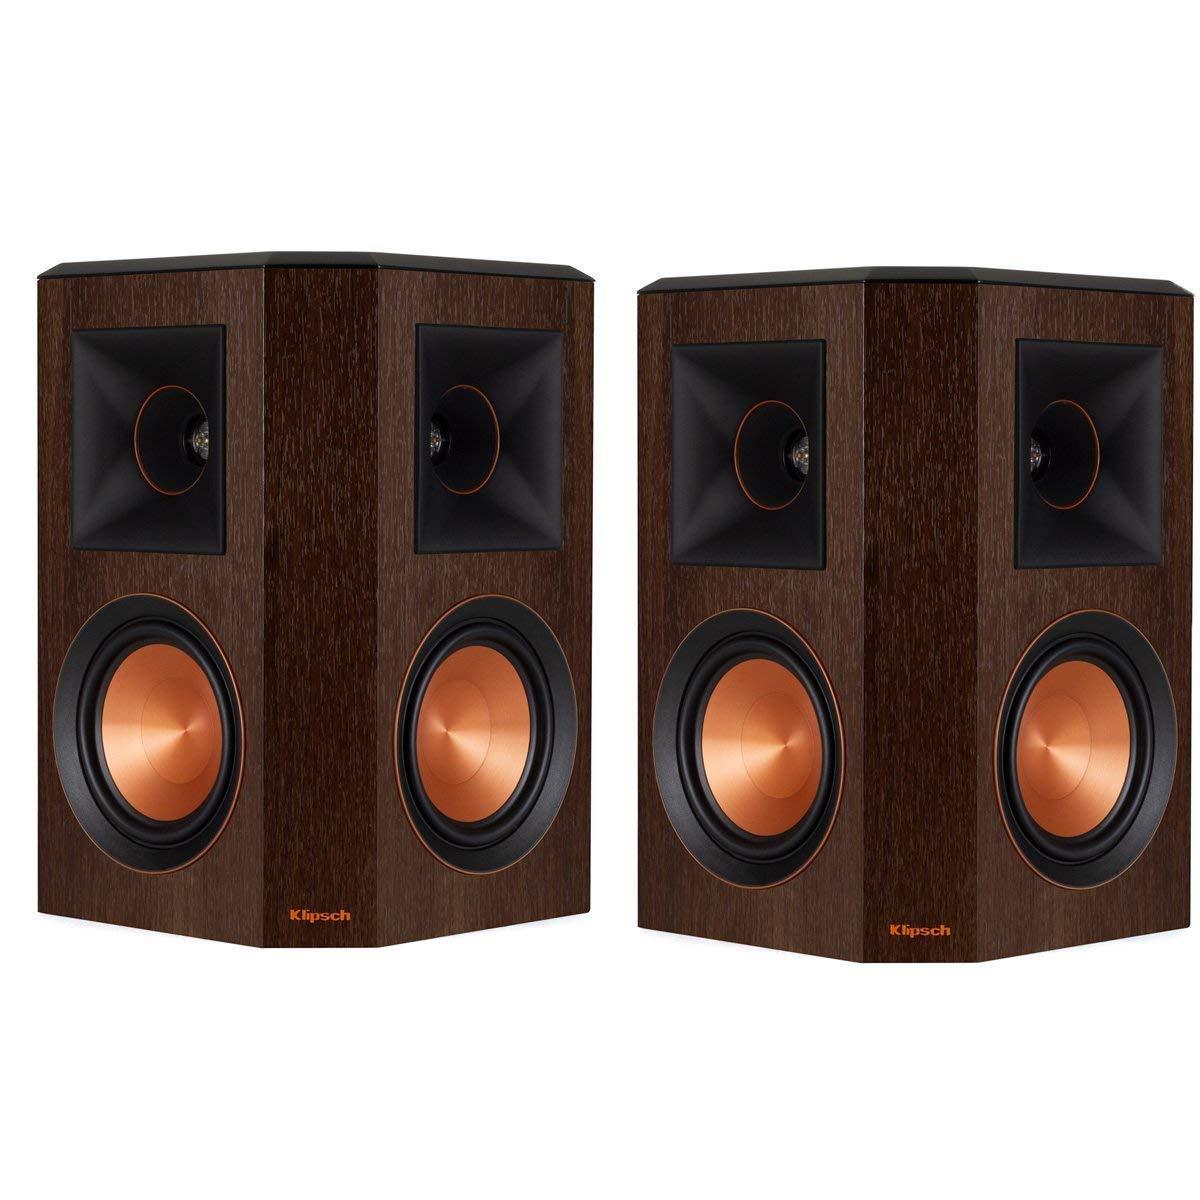 Klipsch Surround Sound >> Klipsch Rp 502s Surround Sound Speakers Pair Walnut